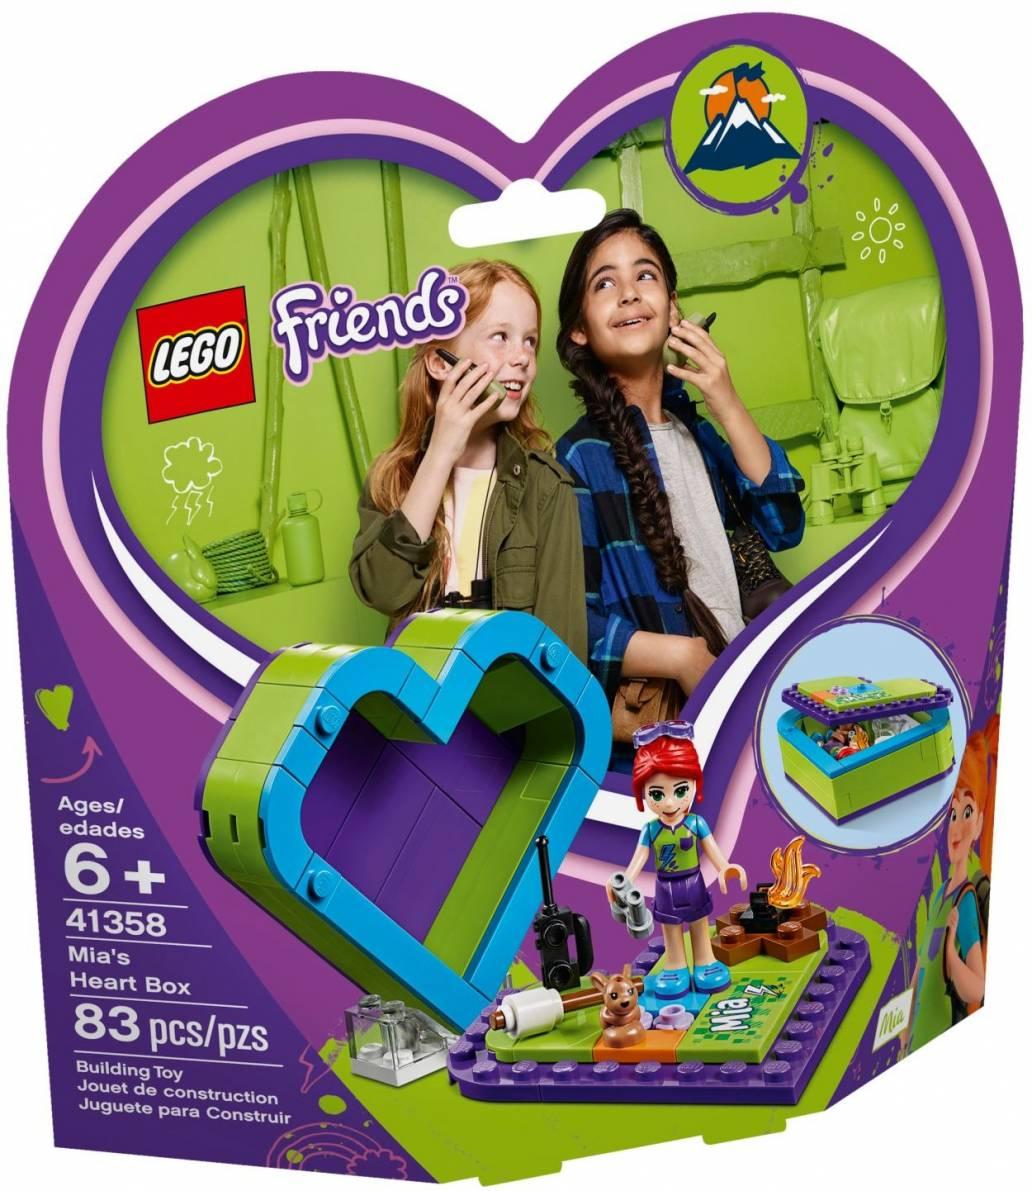 LEGO MIA'S HEART BOX - 41358